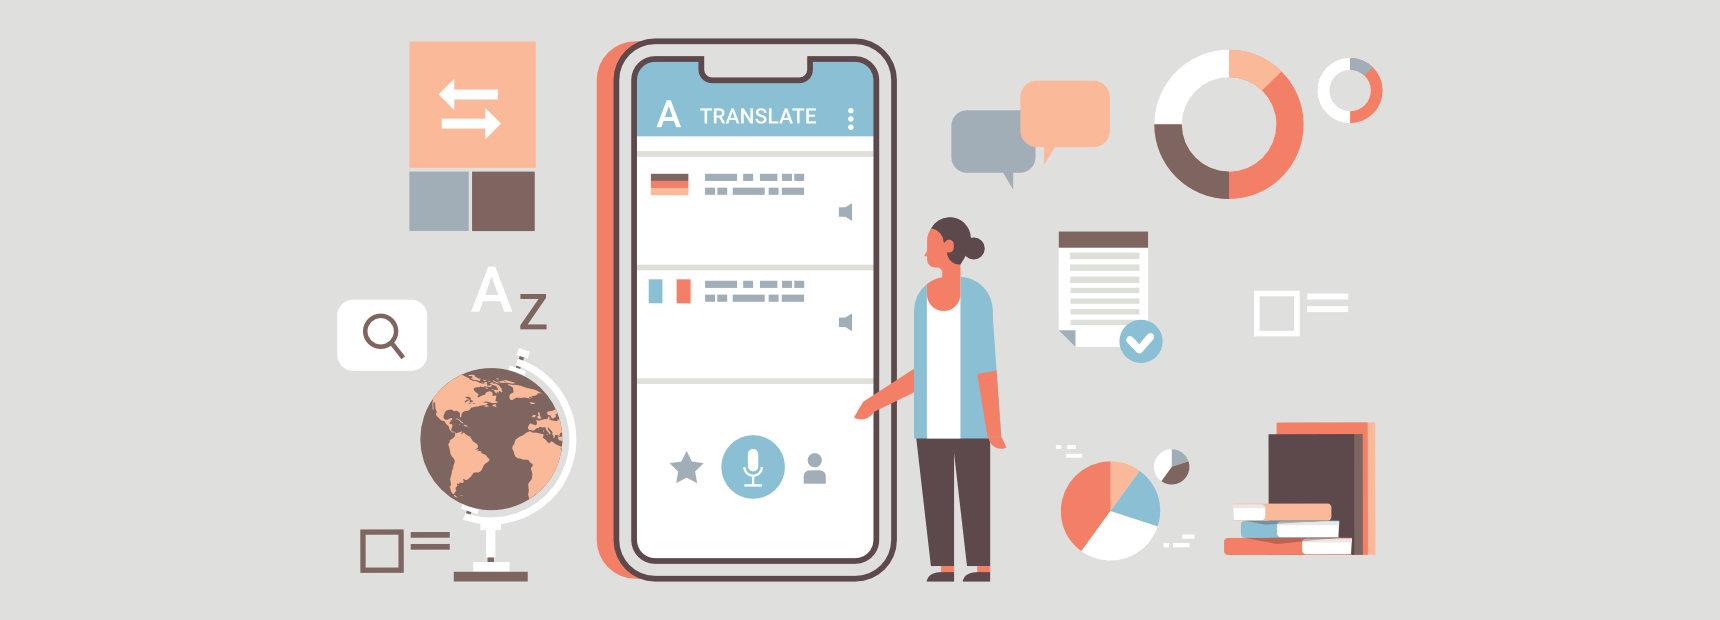 ¿Cuál es la manera correcta de crear un sitio multilingüe?